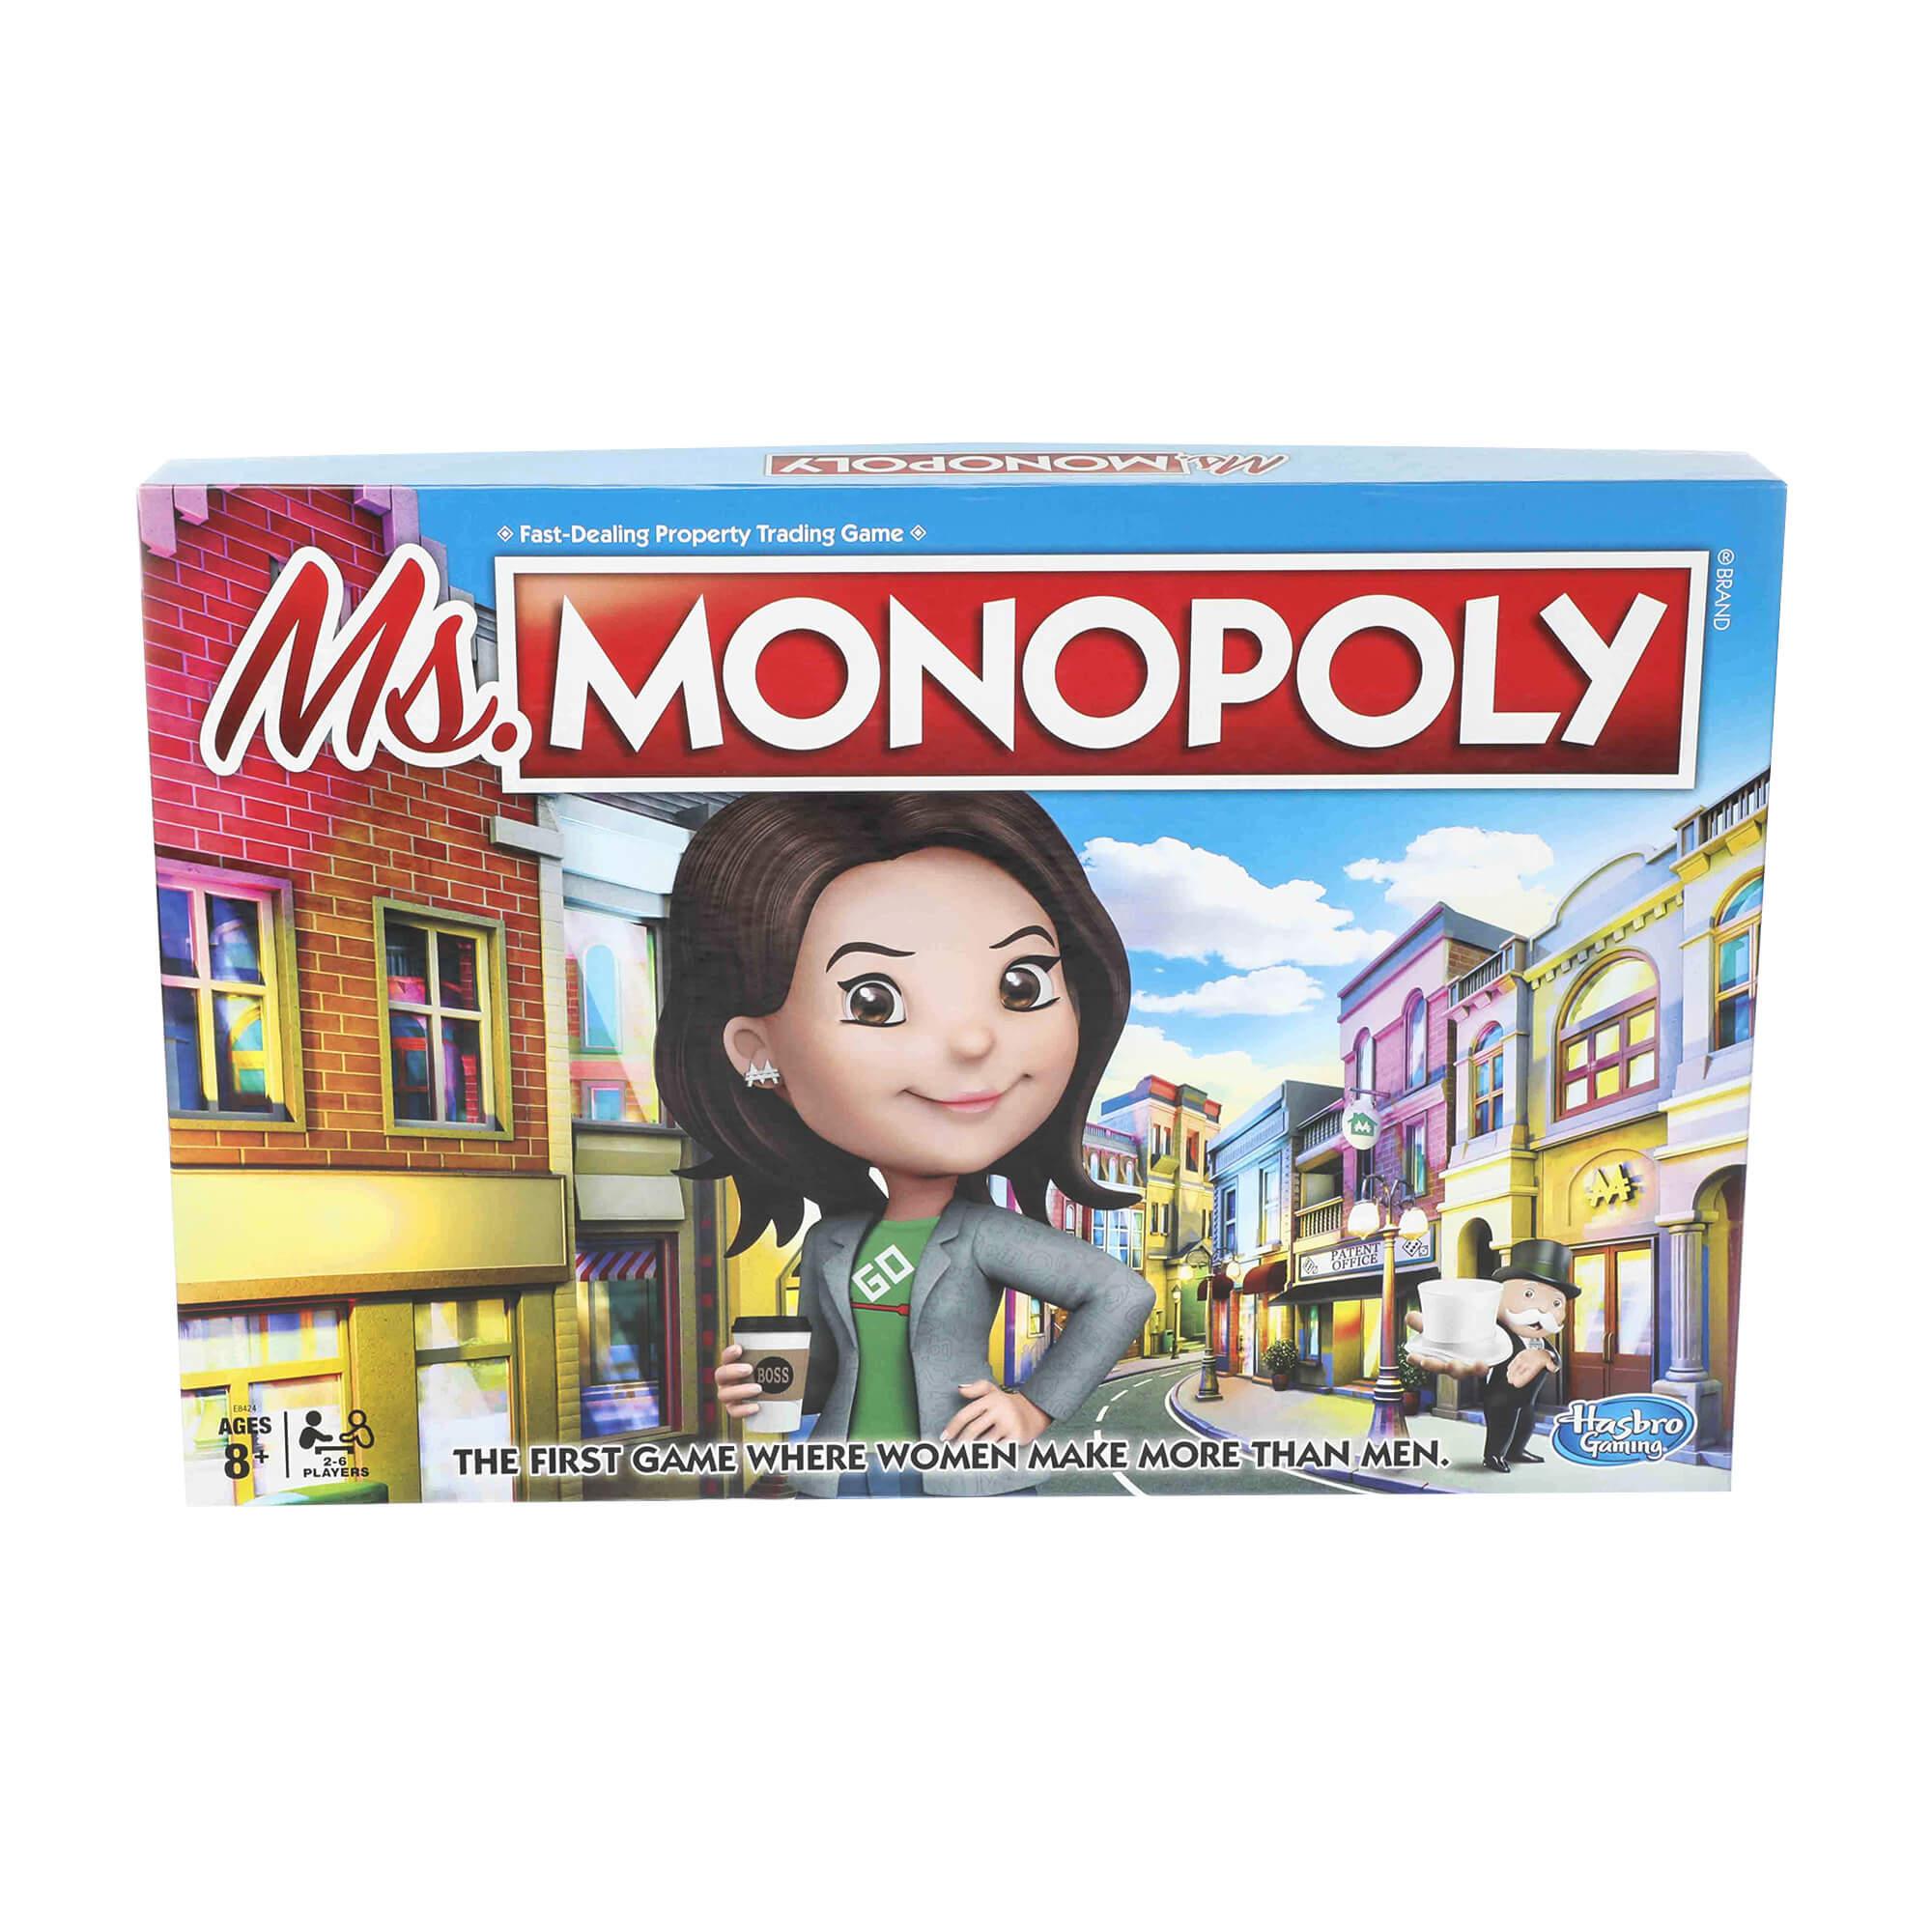 Novo ruho popularne igre Monopoly: Žene u ovoj verziji zarađuju više od muškaraca